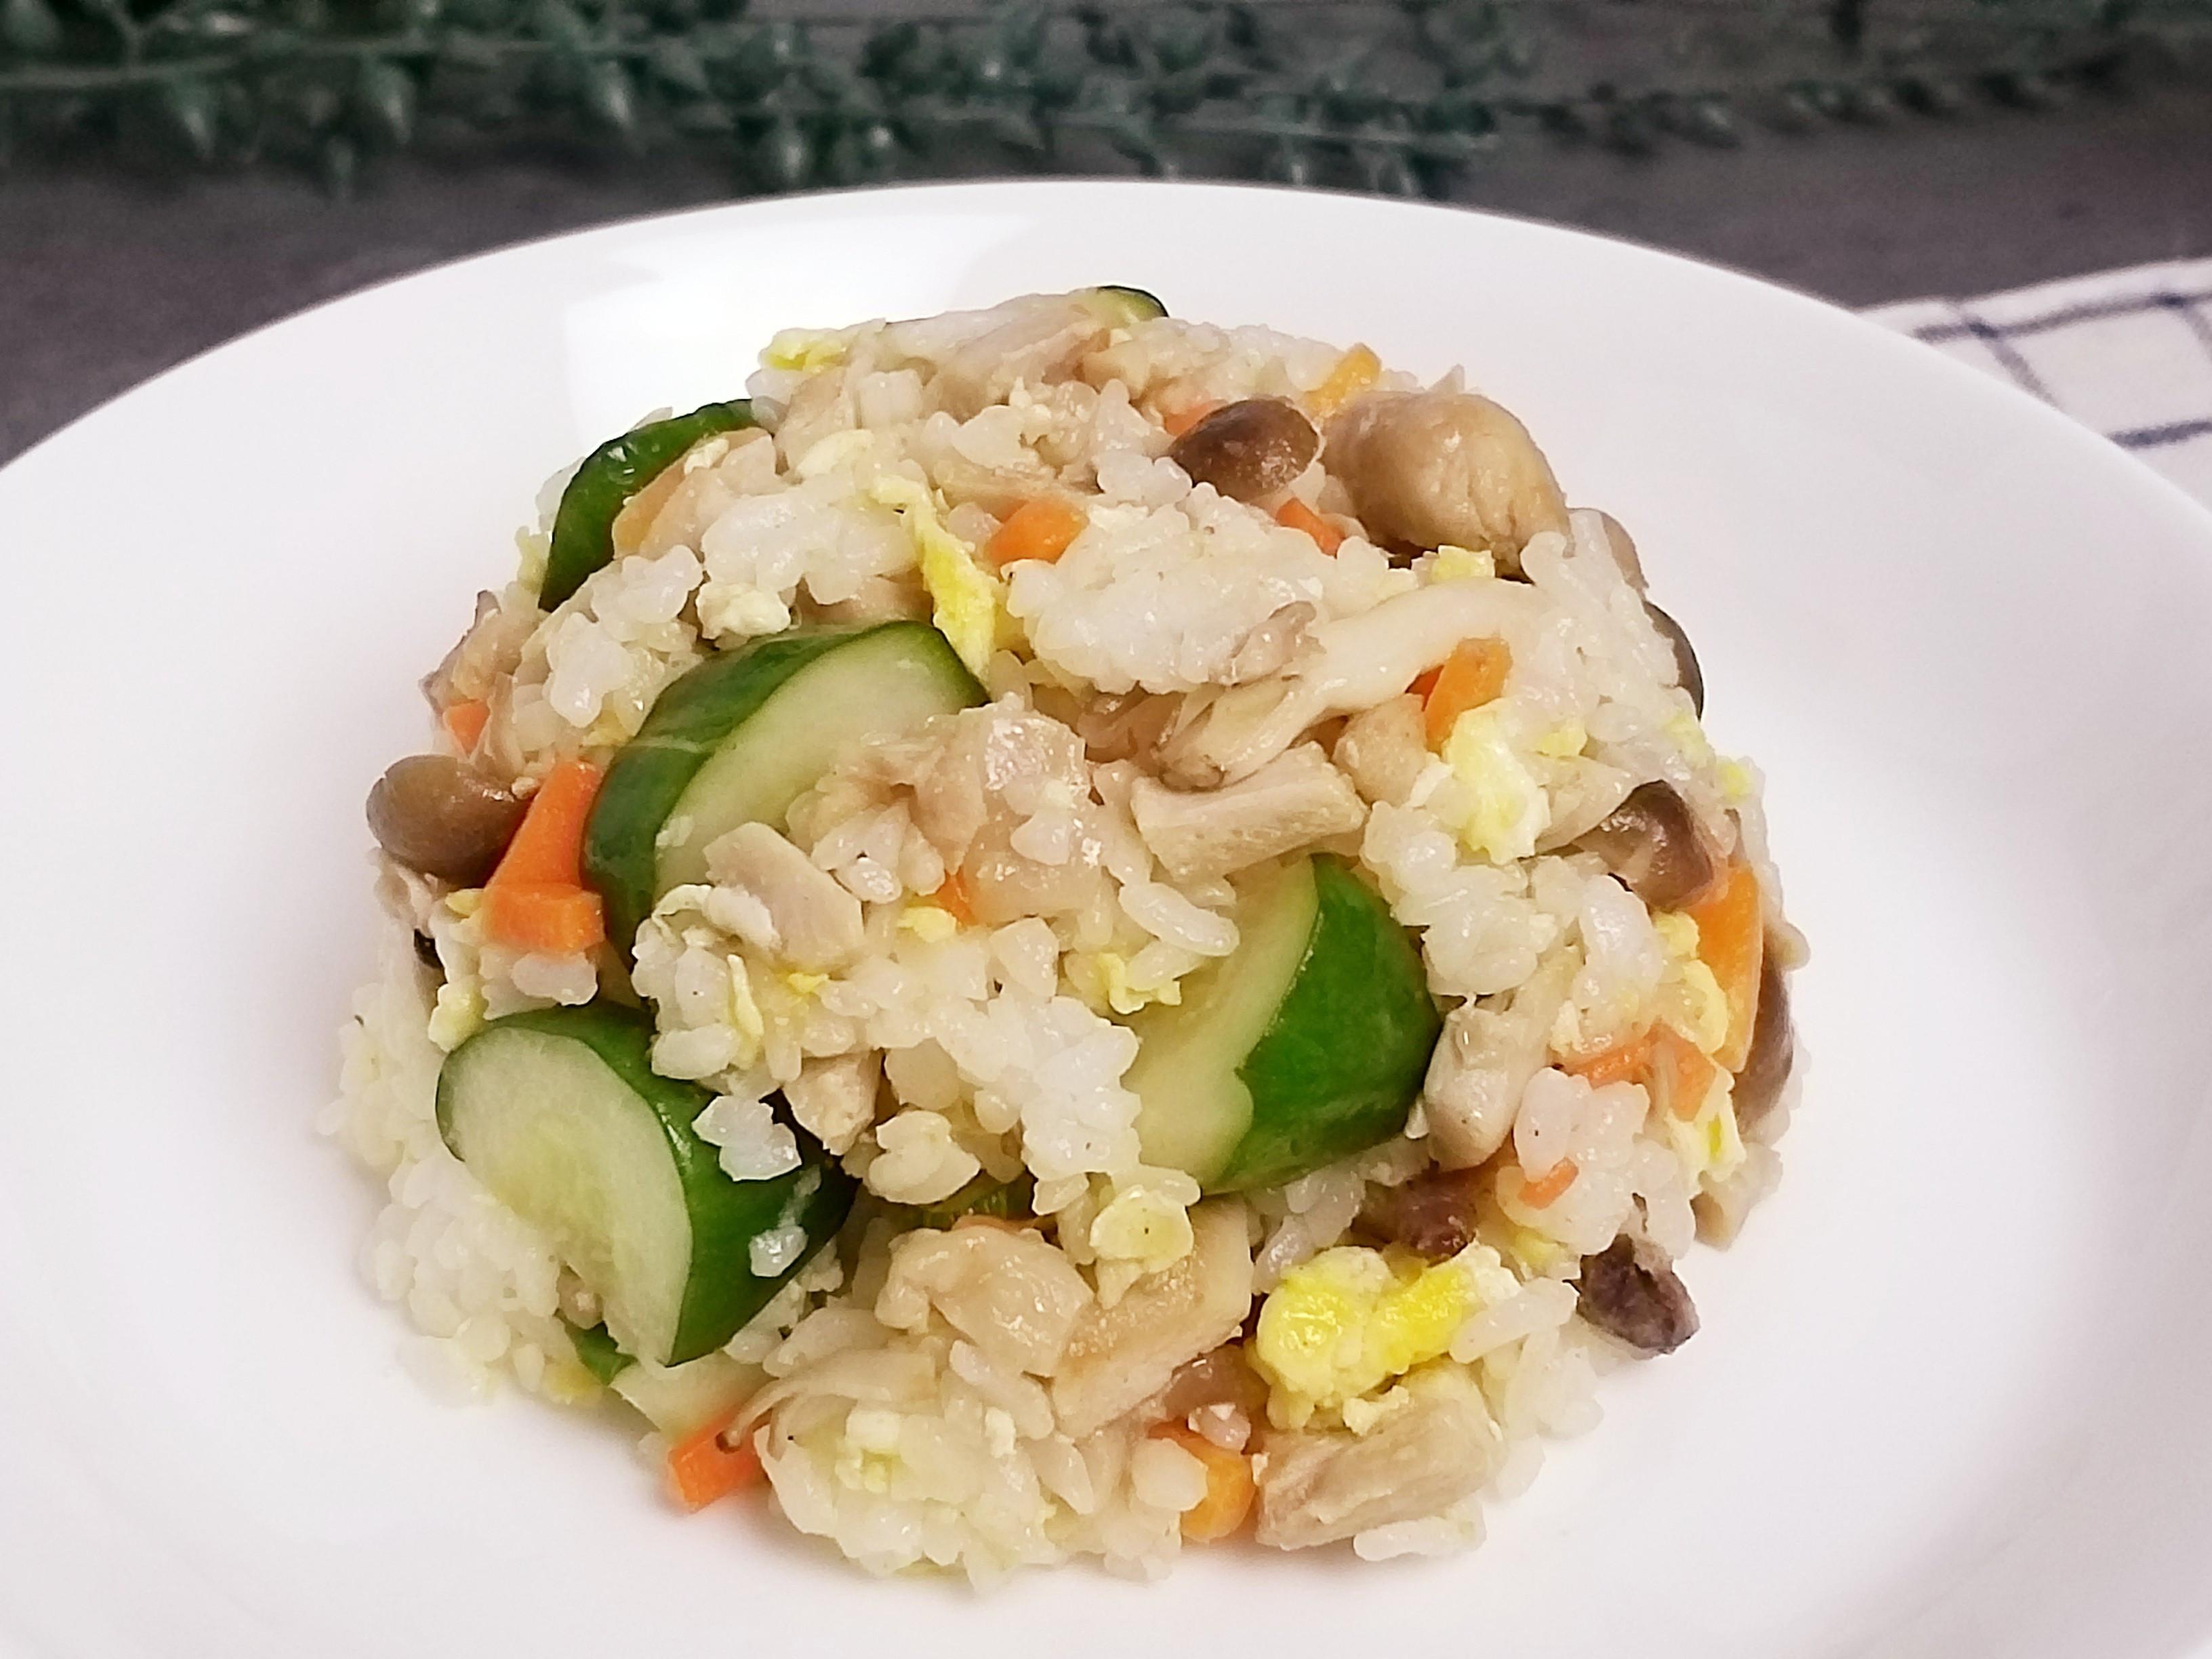 鴻喜菇嫩雞腿蛋炒飯【好菇道營養料理】